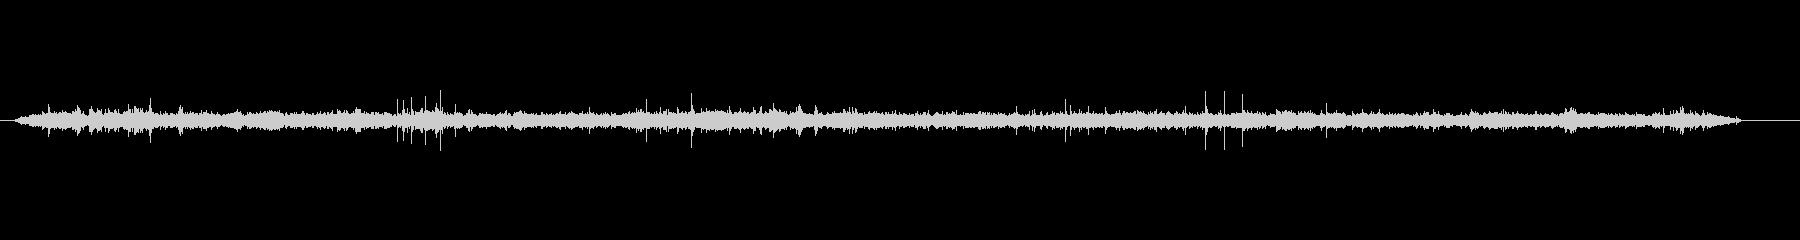 デパート-フル-ストアの未再生の波形